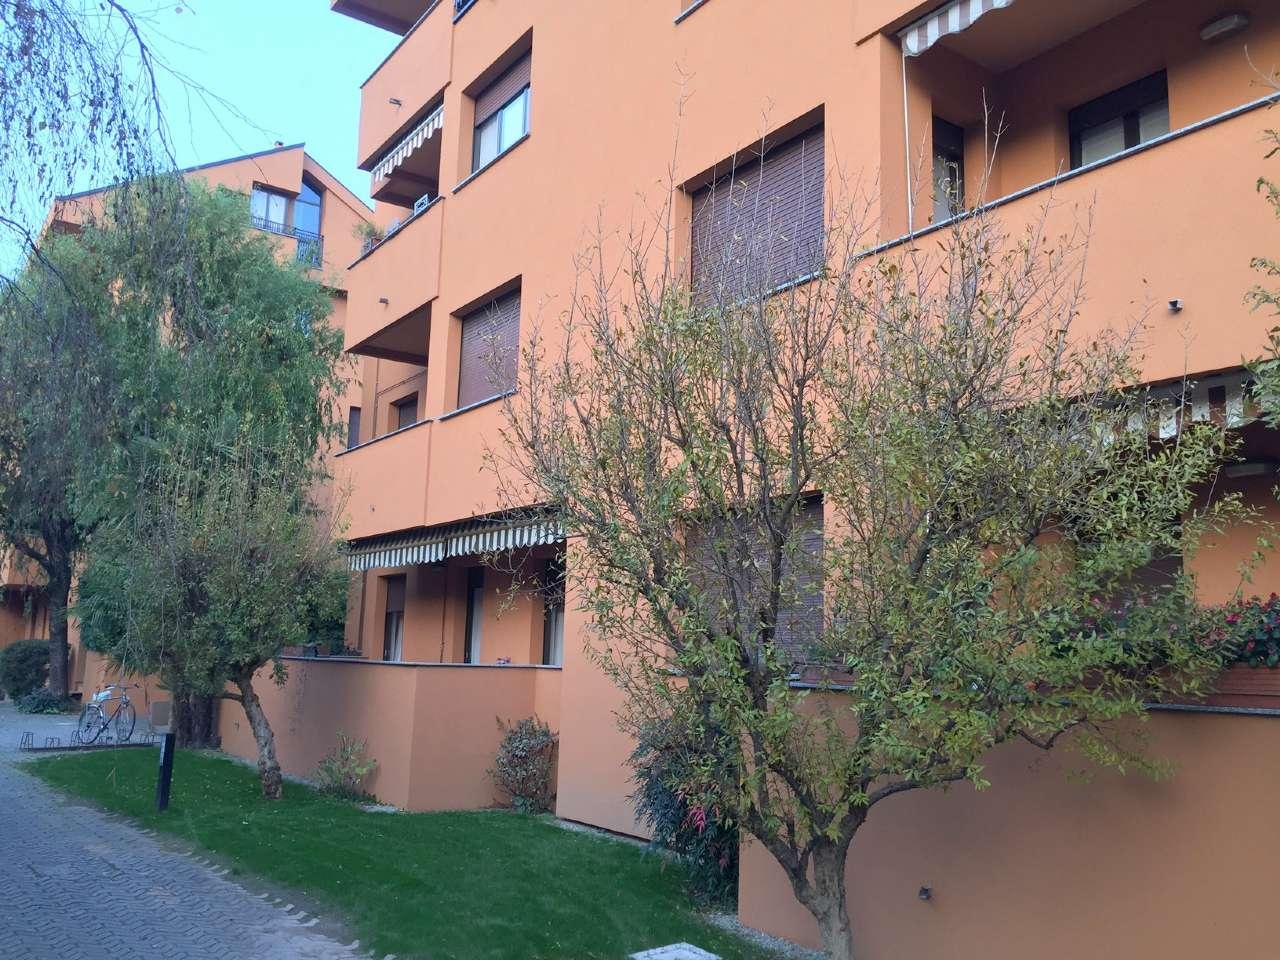 Appartamento in vendita a Lissone, 3 locali, prezzo € 150.000 | Cambio Casa.it